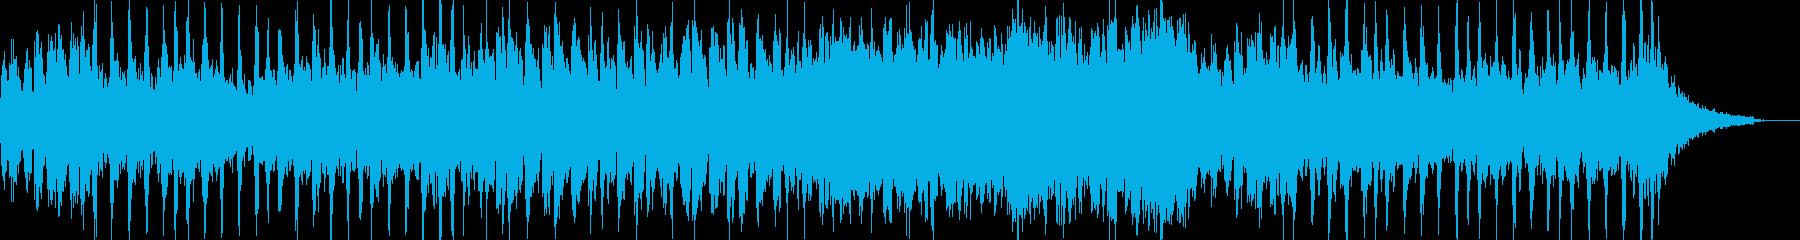 オーケストラでゲームのRPGのような曲の再生済みの波形